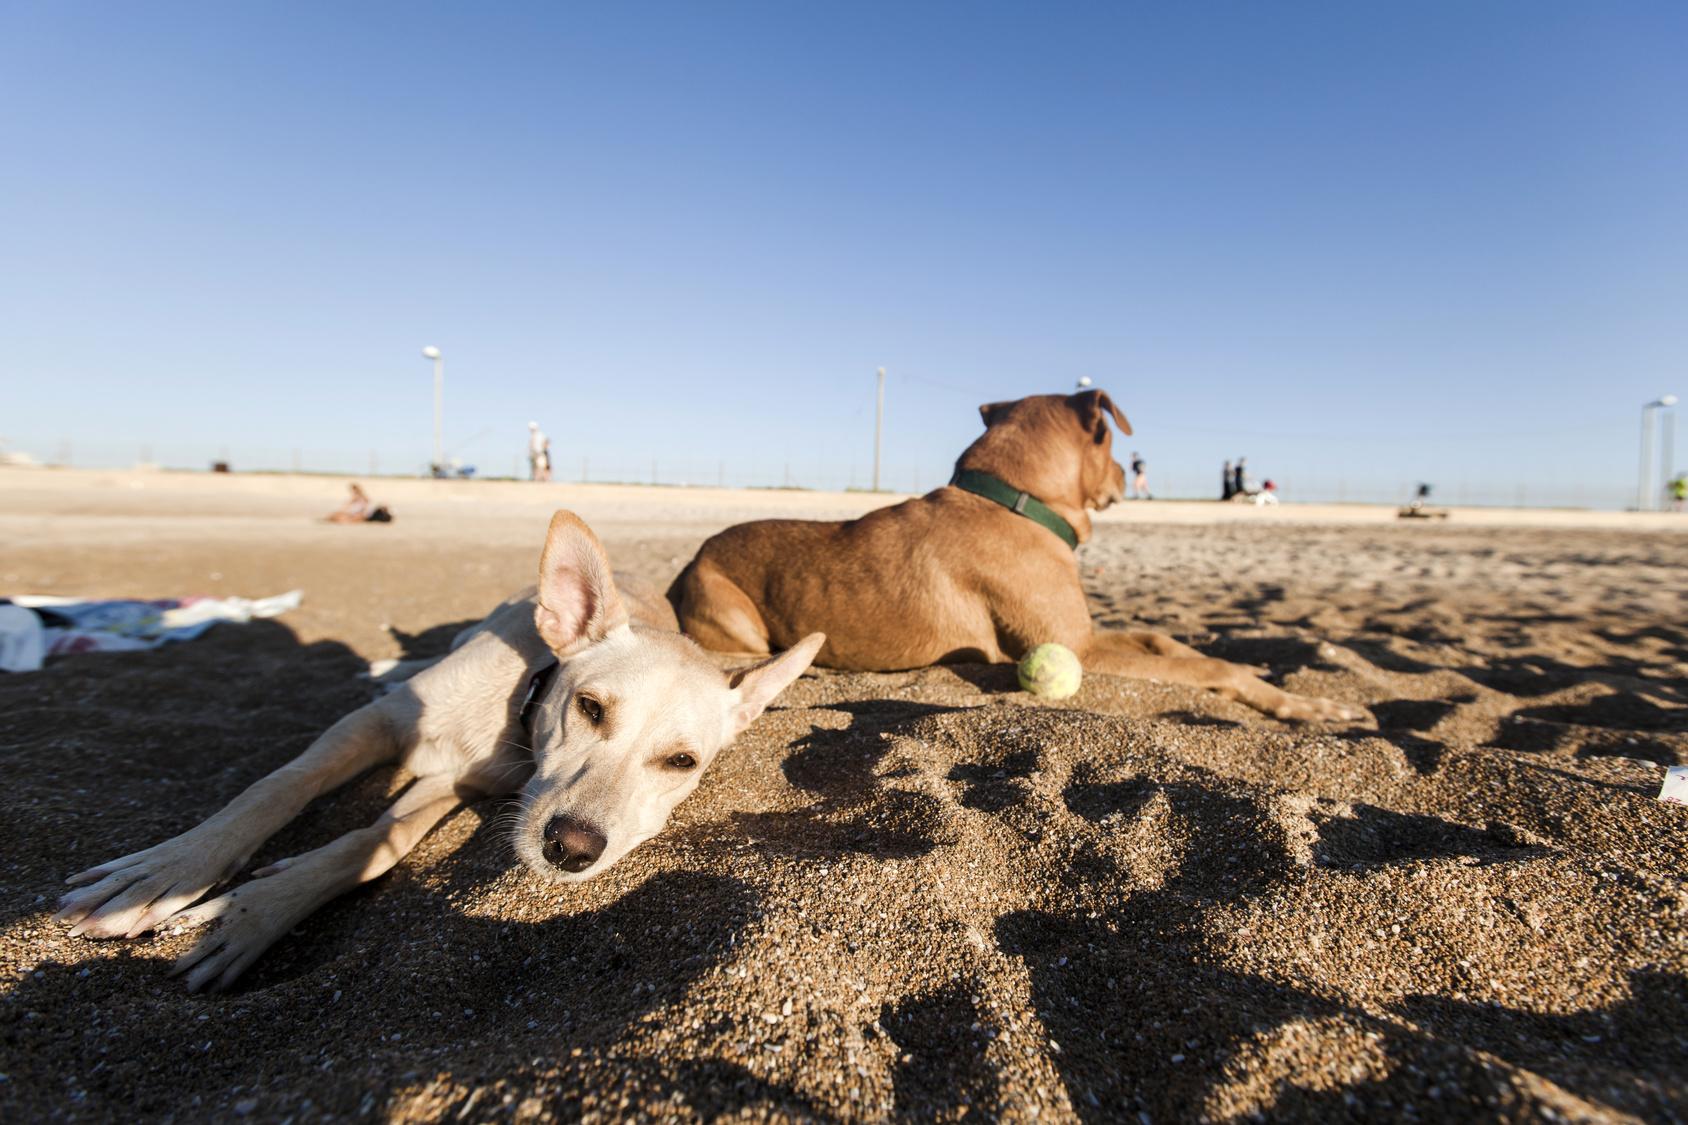 愛犬と海へ泳ぎに行こう!海へのお出かけで注意すること